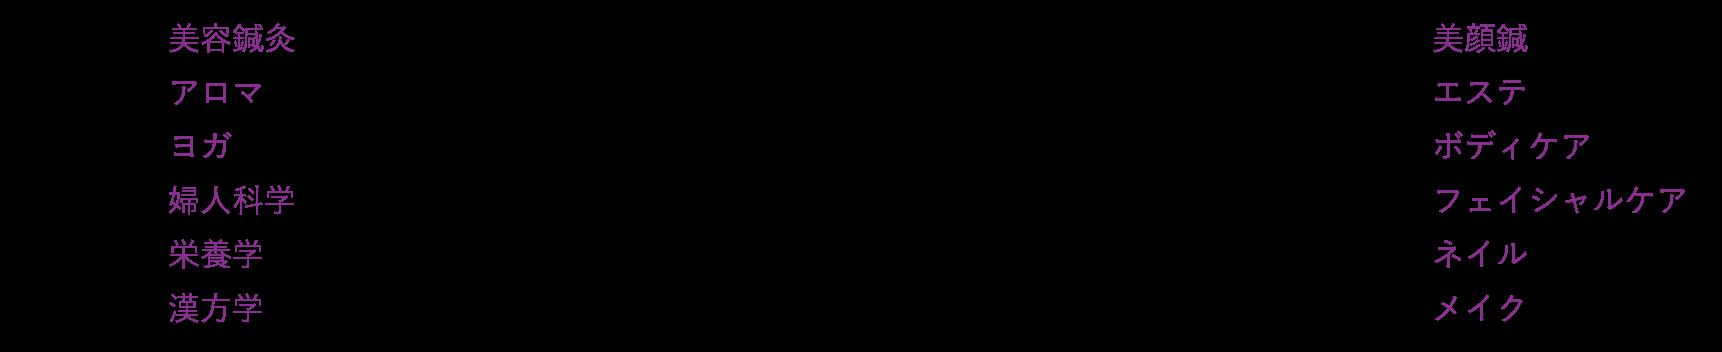 カリキュラム